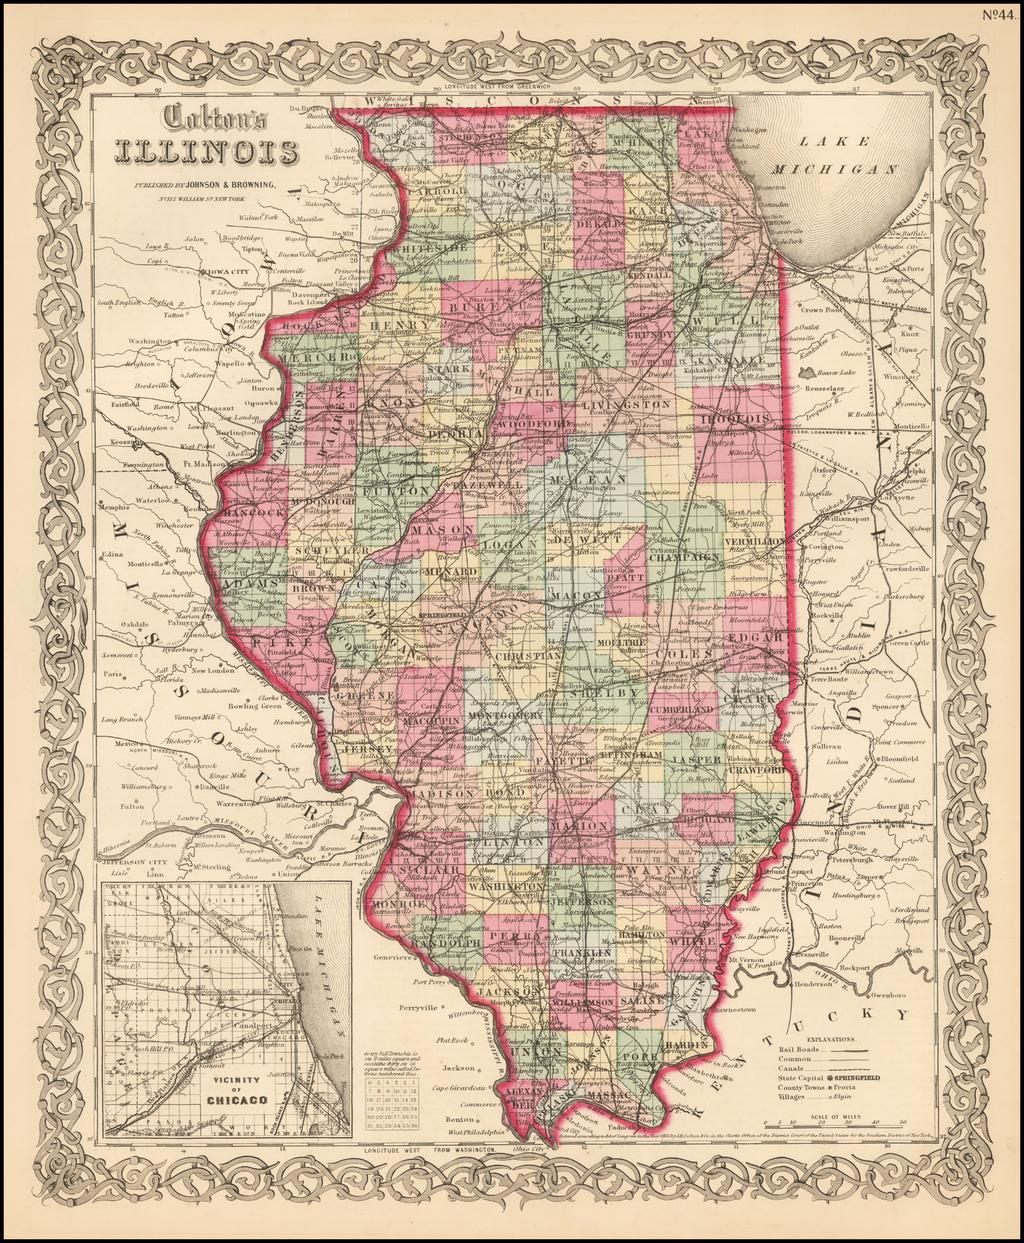 Colton's Illinois By Joseph Hutchins Colton